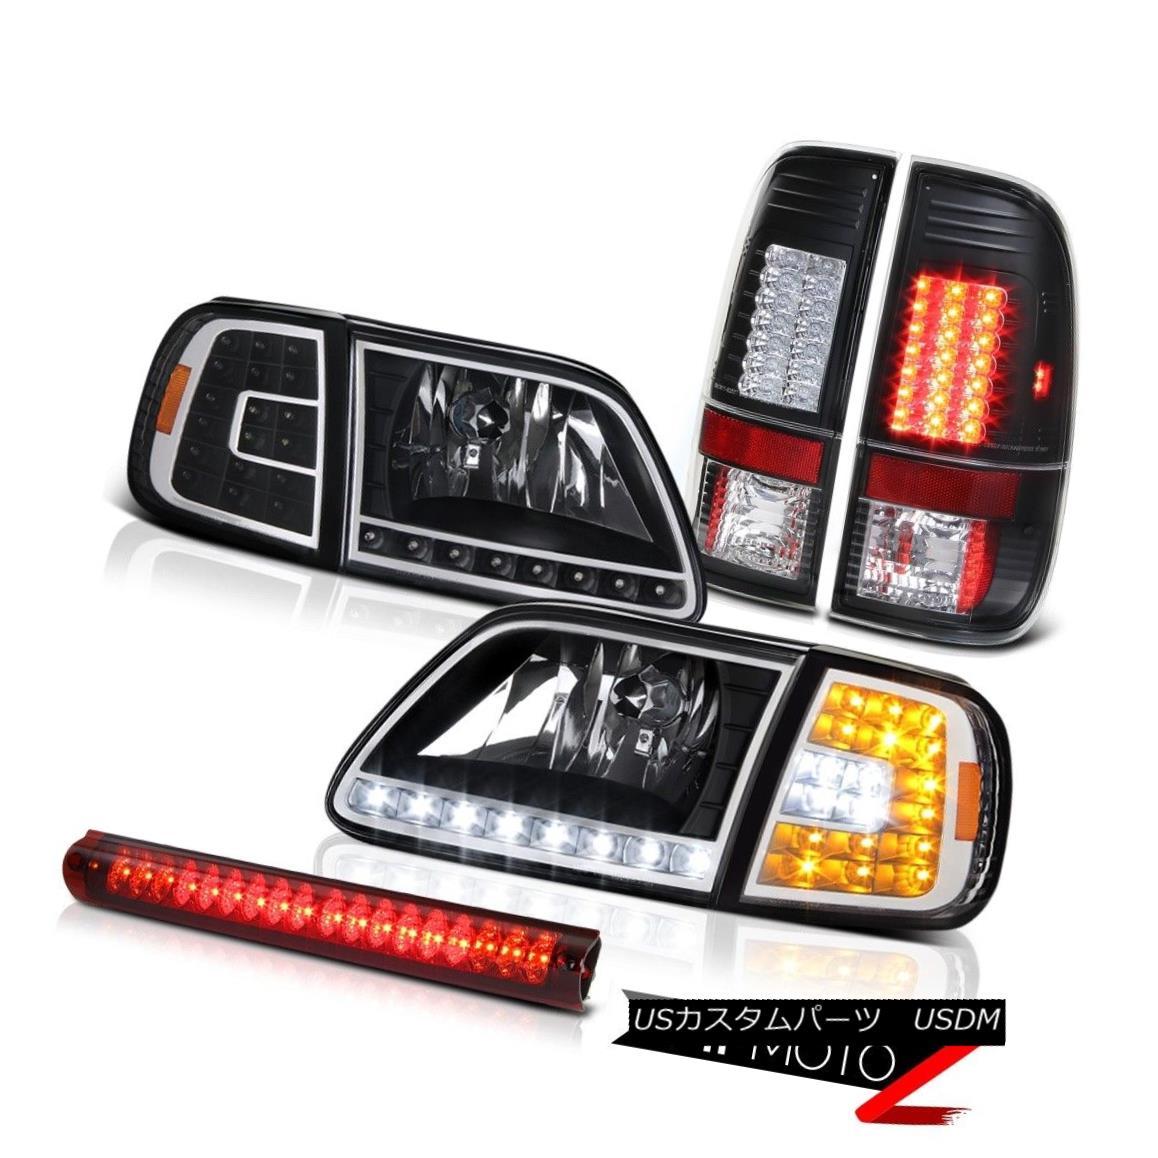 ヘッドライト 1997-2003 F150 5.4L DRL Parking Headlamps Bright LED Tail Light Roof Brake Cargo 1997-2003 F150 5.4L DRLパーキングヘッドランプ明るいLEDテールライトルーフブレーキカーゴ